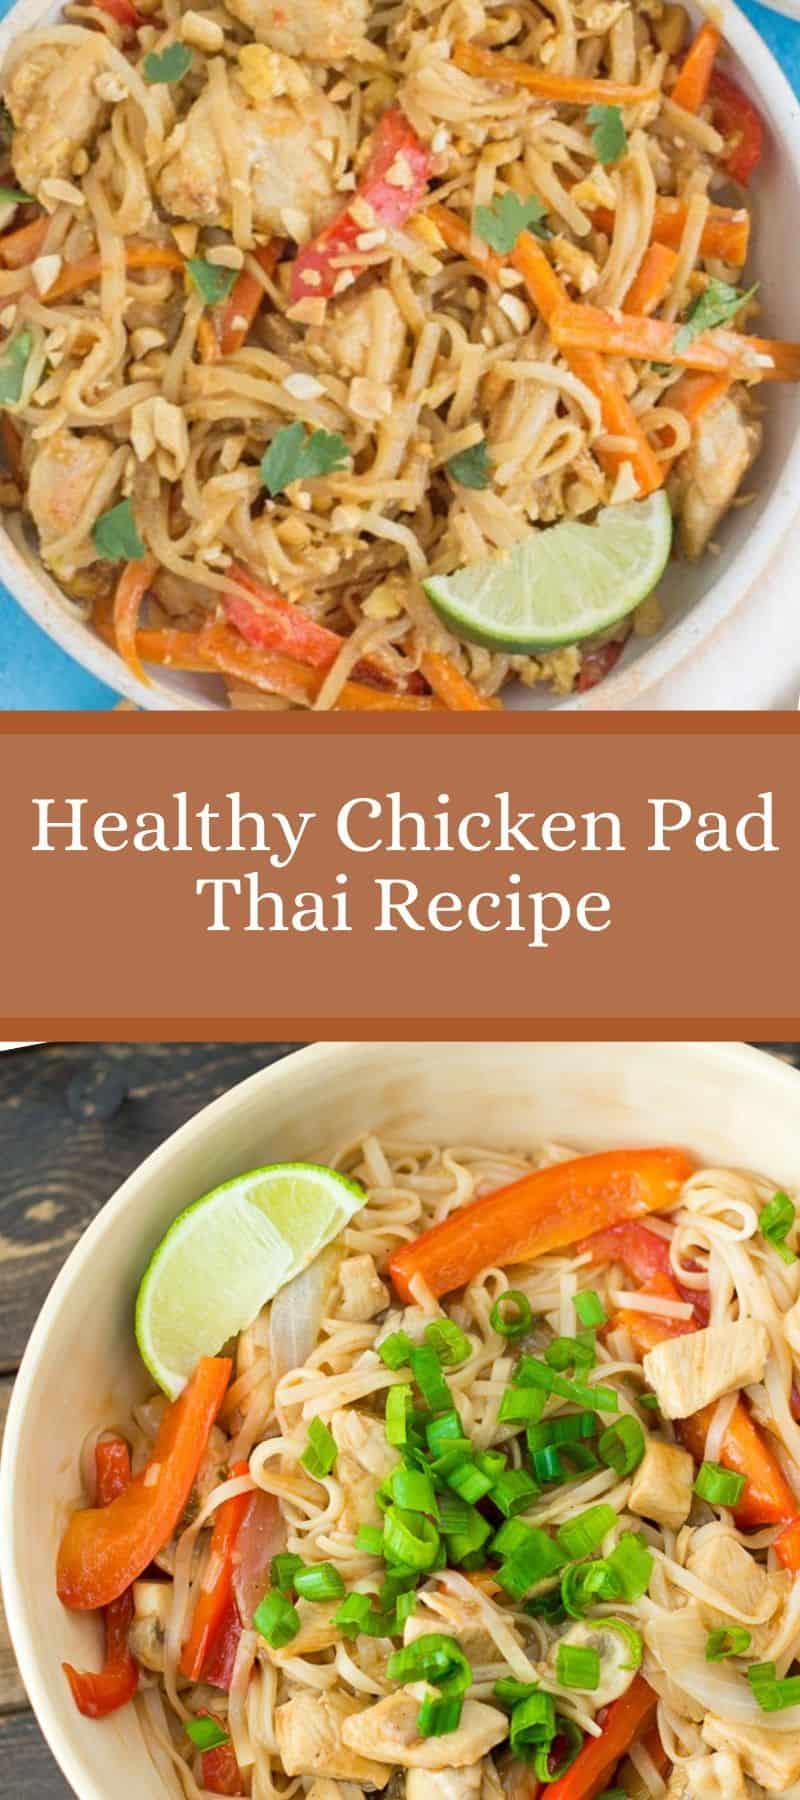 Healthy Chicken Pad Thai Recipe